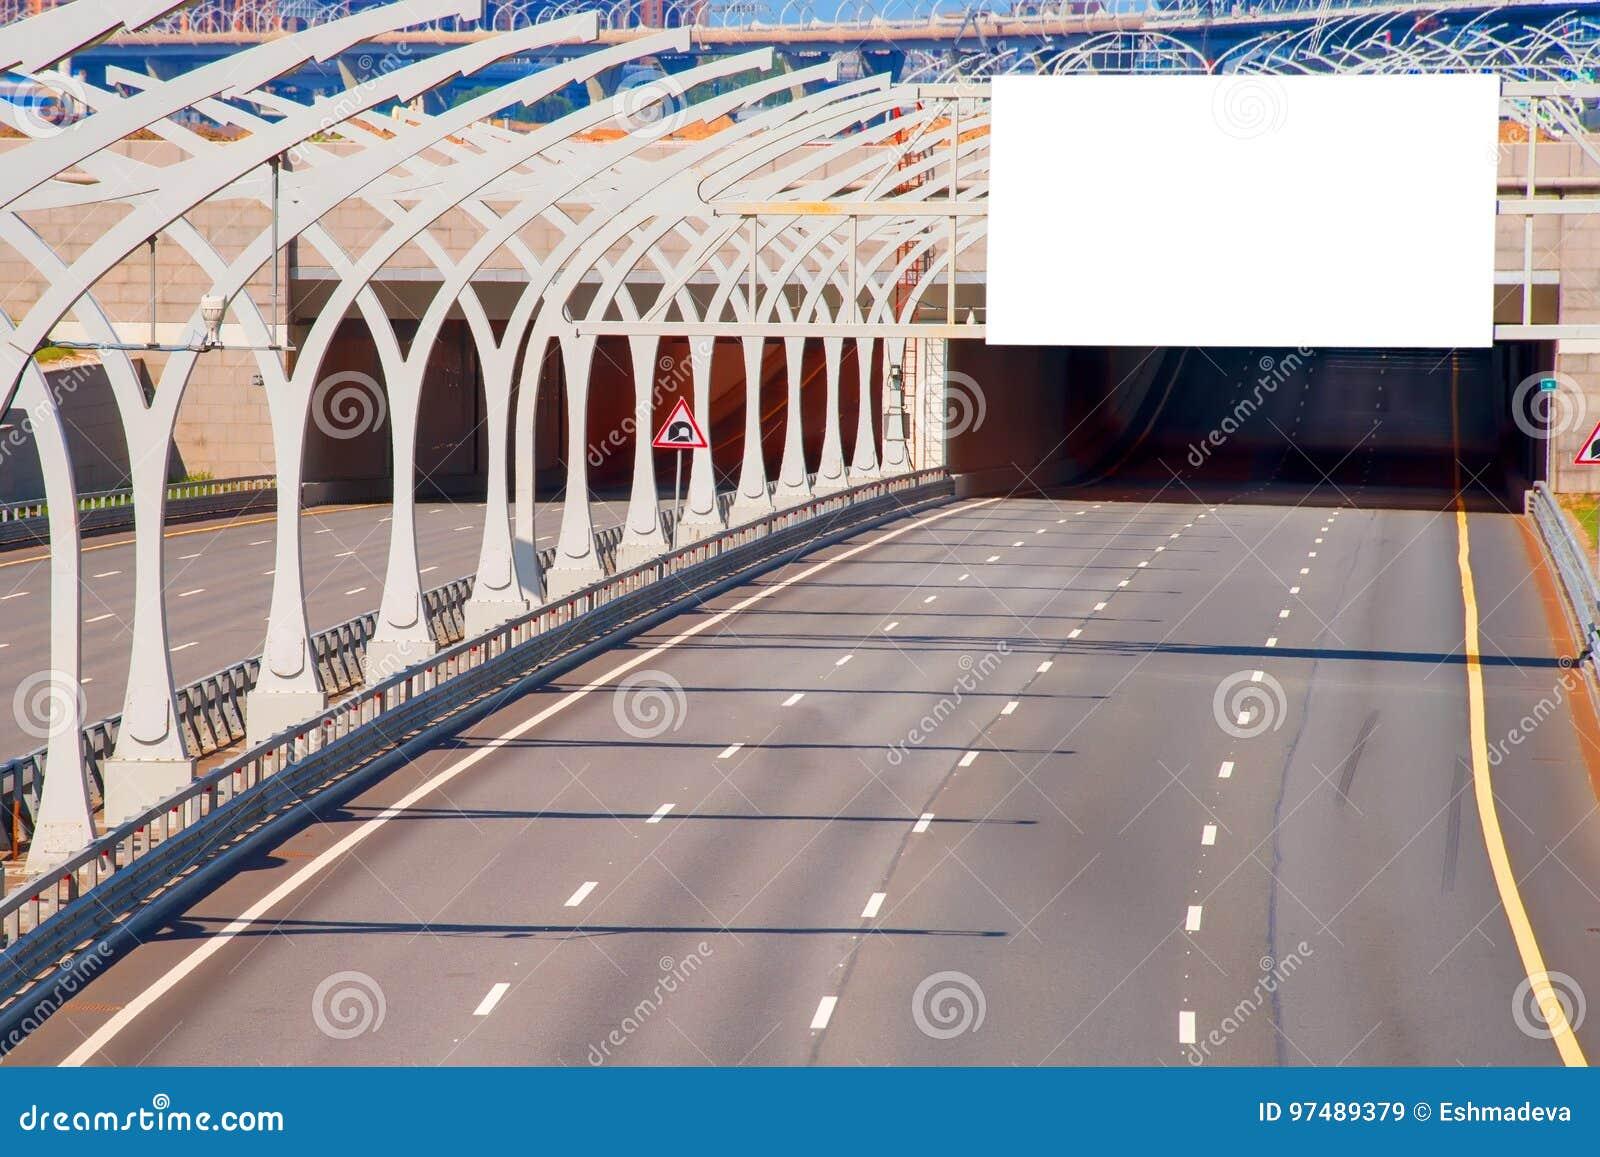 Scavi una galleria sulla strada principale con il tabellone per le affissioni in bianco sopra